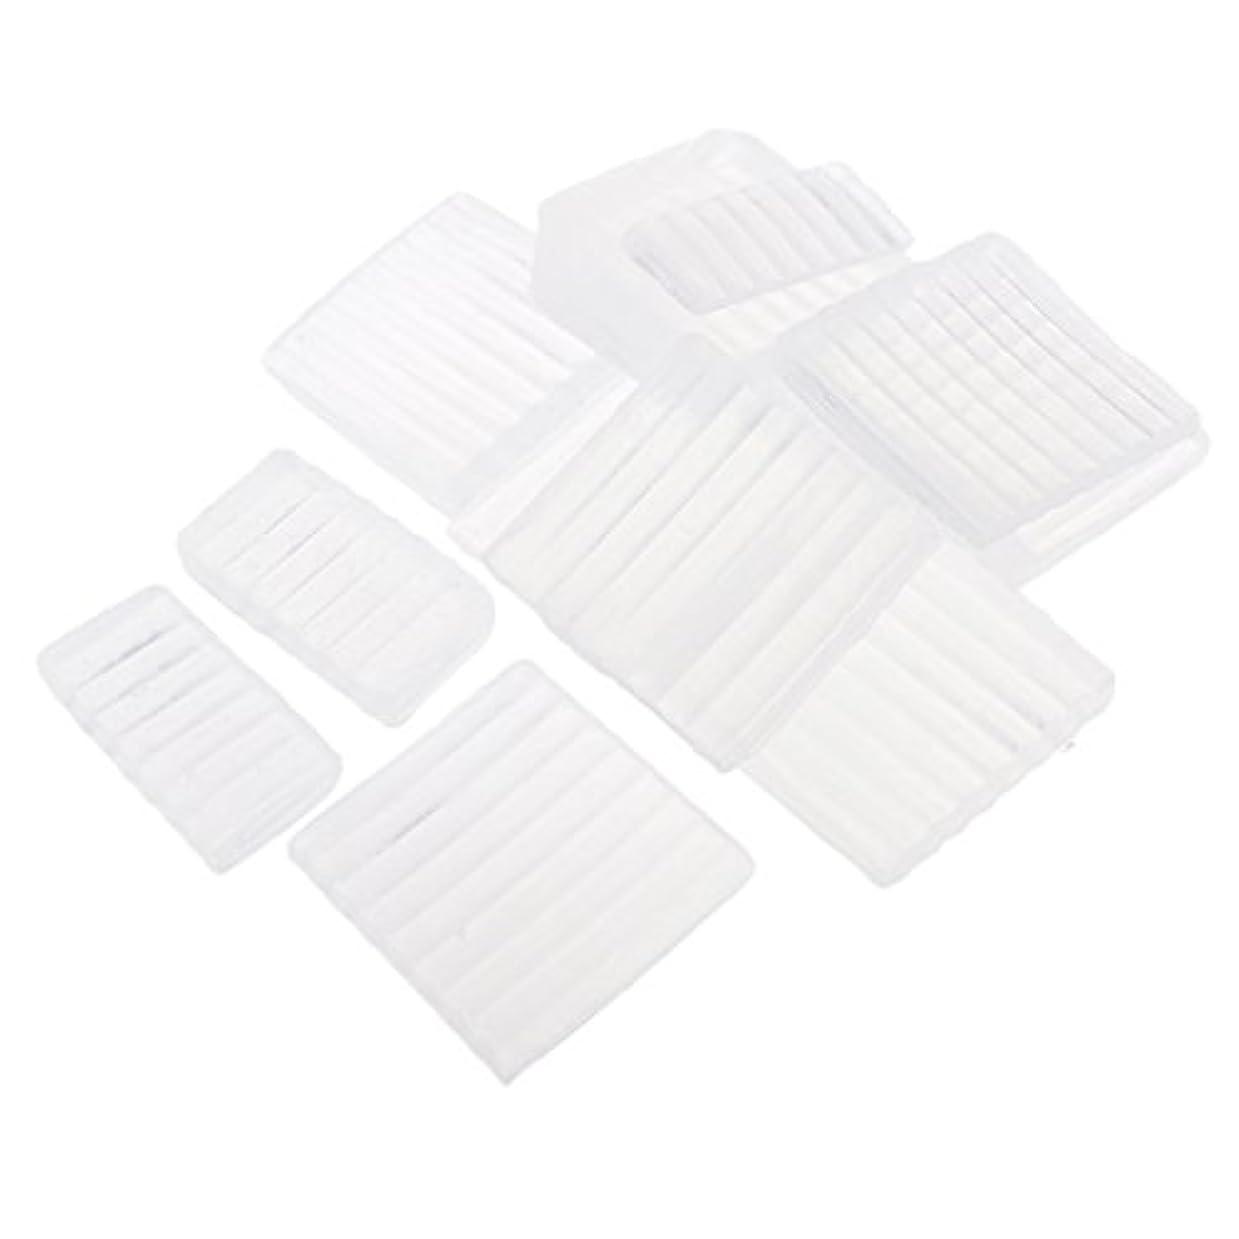 ドループどうしたのくつろぐ約500g ホワイト 透明 石鹸ベース DIY 手作り 石鹸 材料